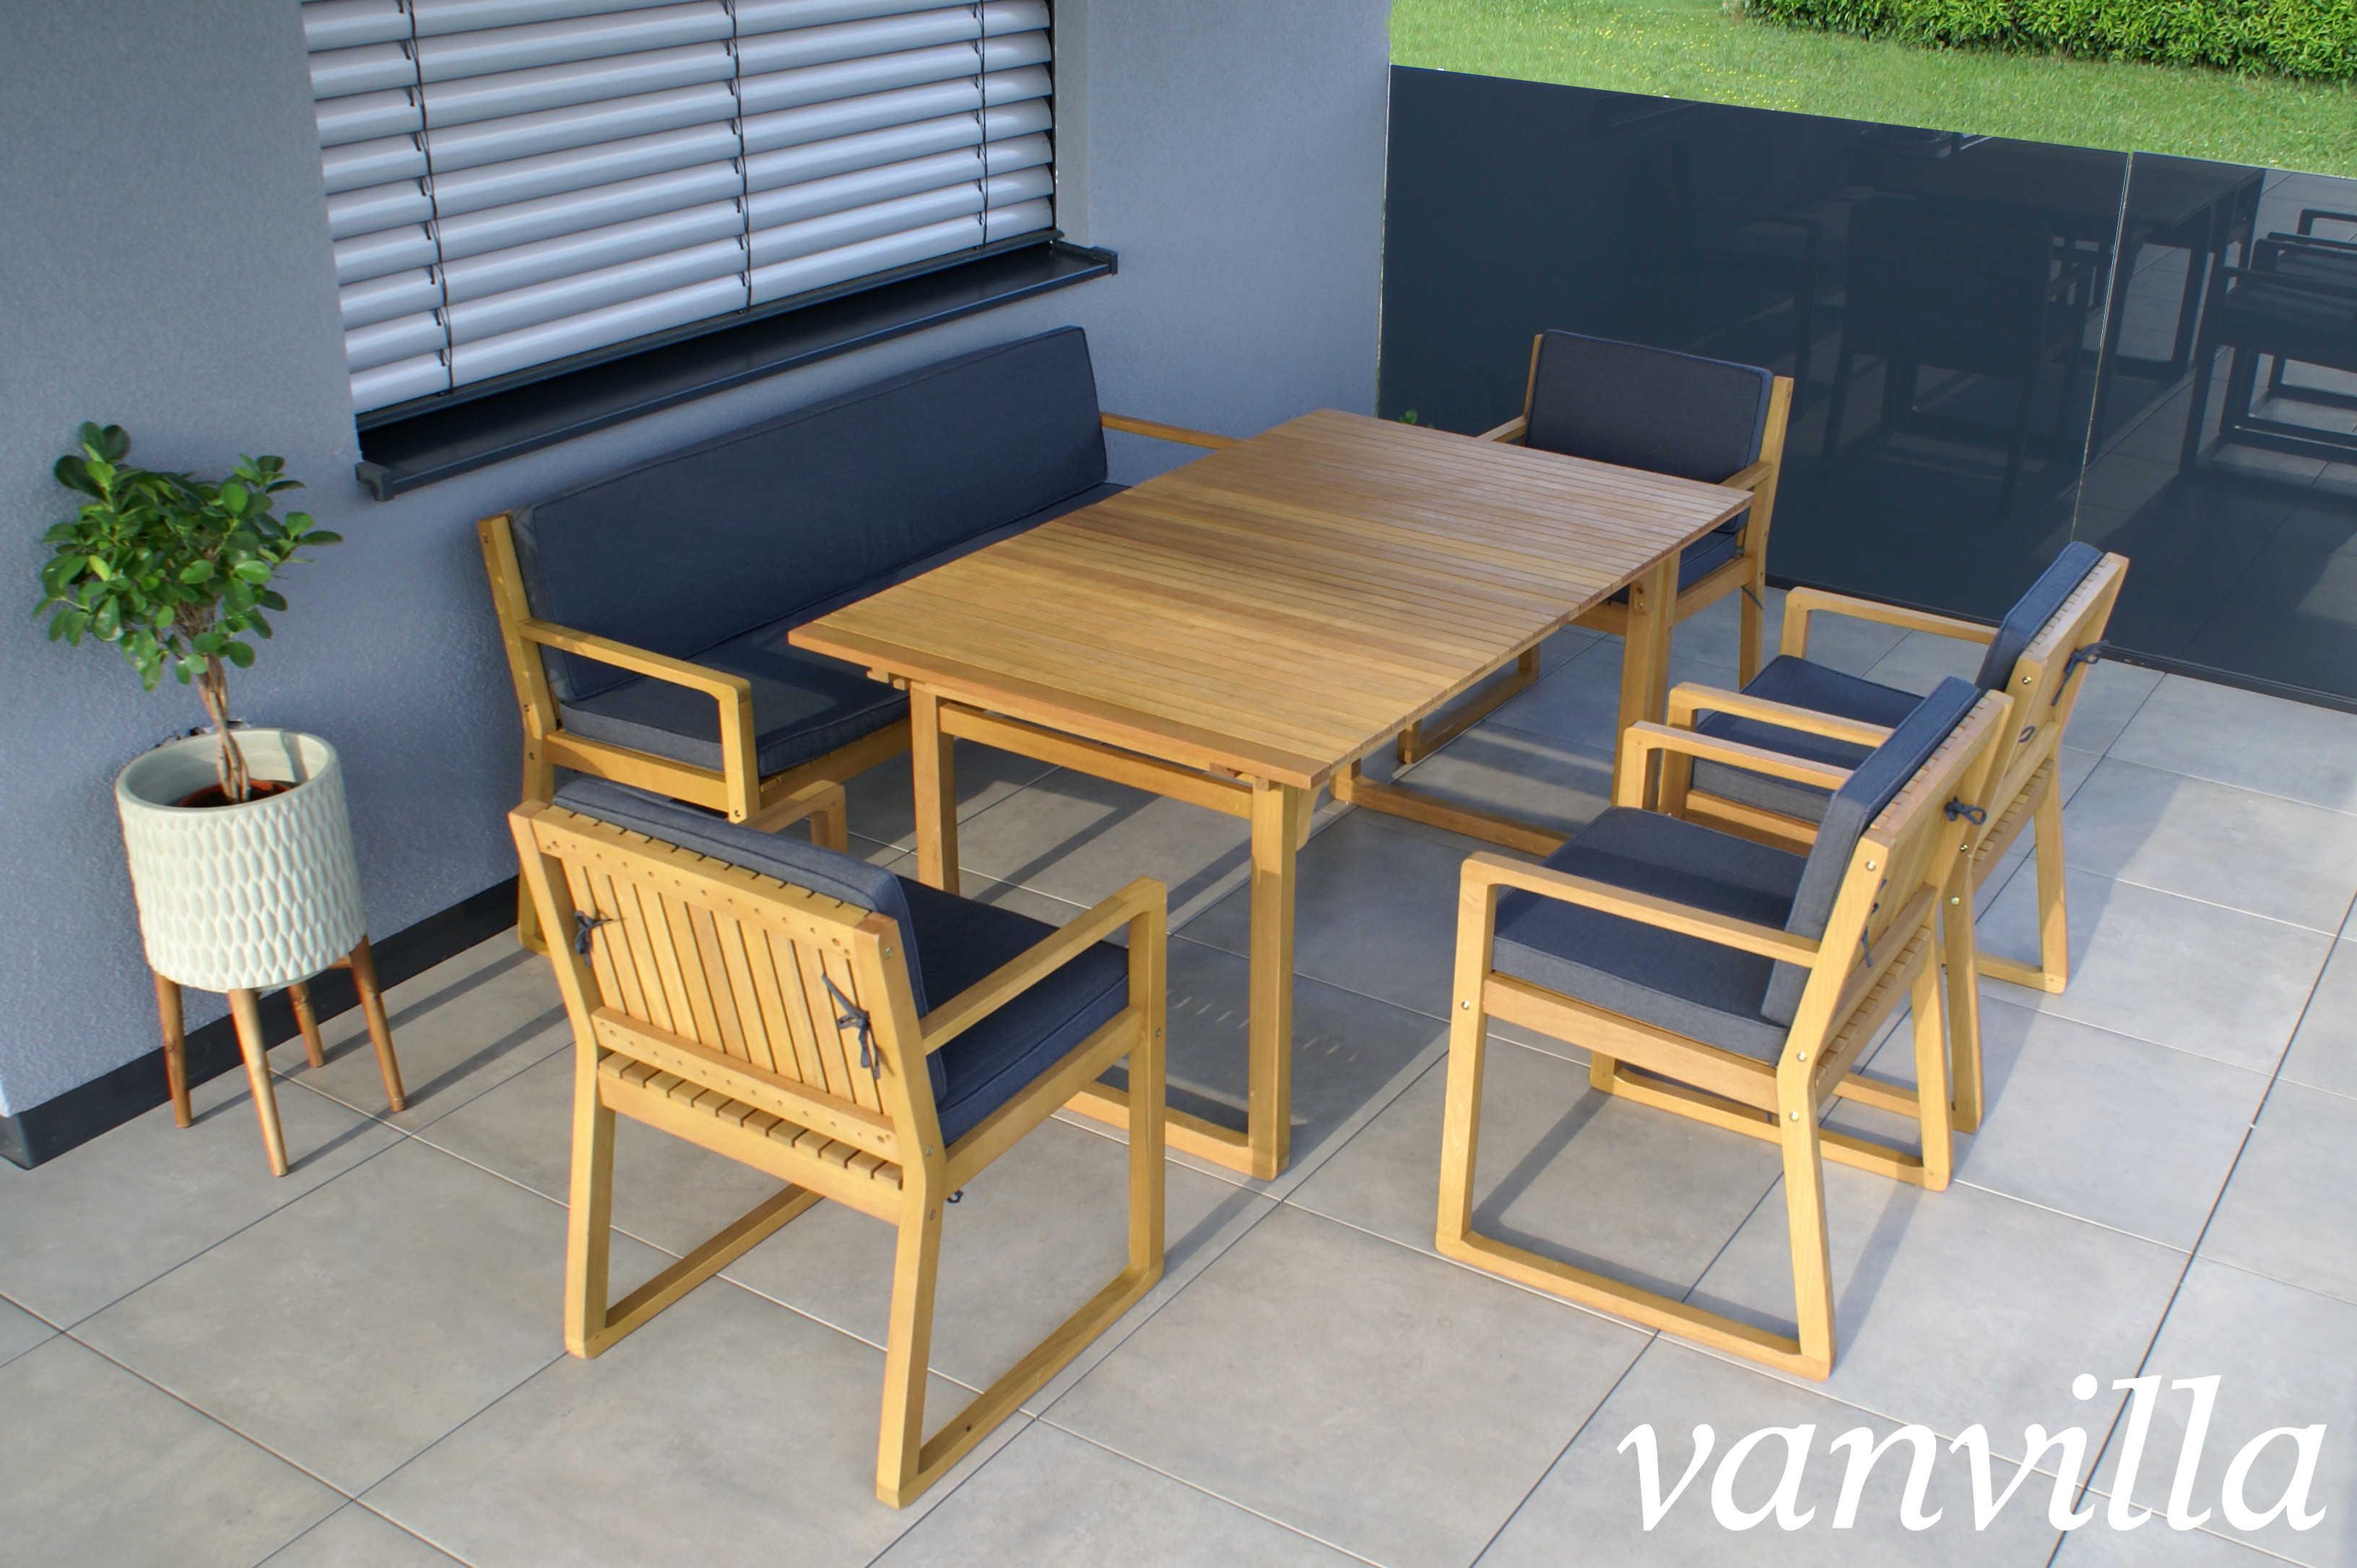 Gut gemocht vanvilla Gartenmöbel Set Holz 1 Tisch 1 Bank 4 Sessel SET1 Auflage YI06